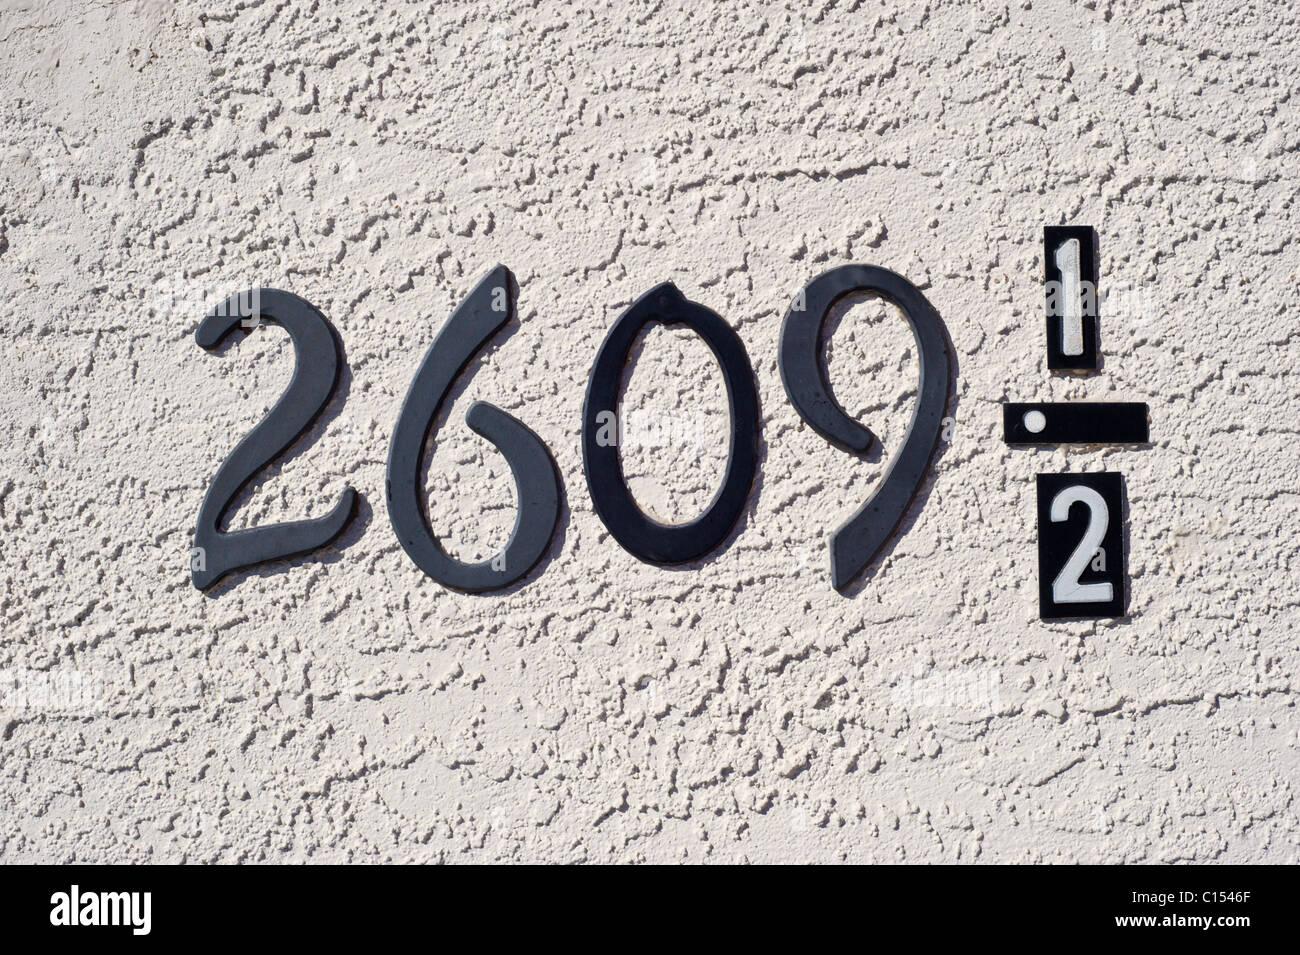 Une adresse inhabituelle à Roswell, Nouveau Mexique. Photo Stock